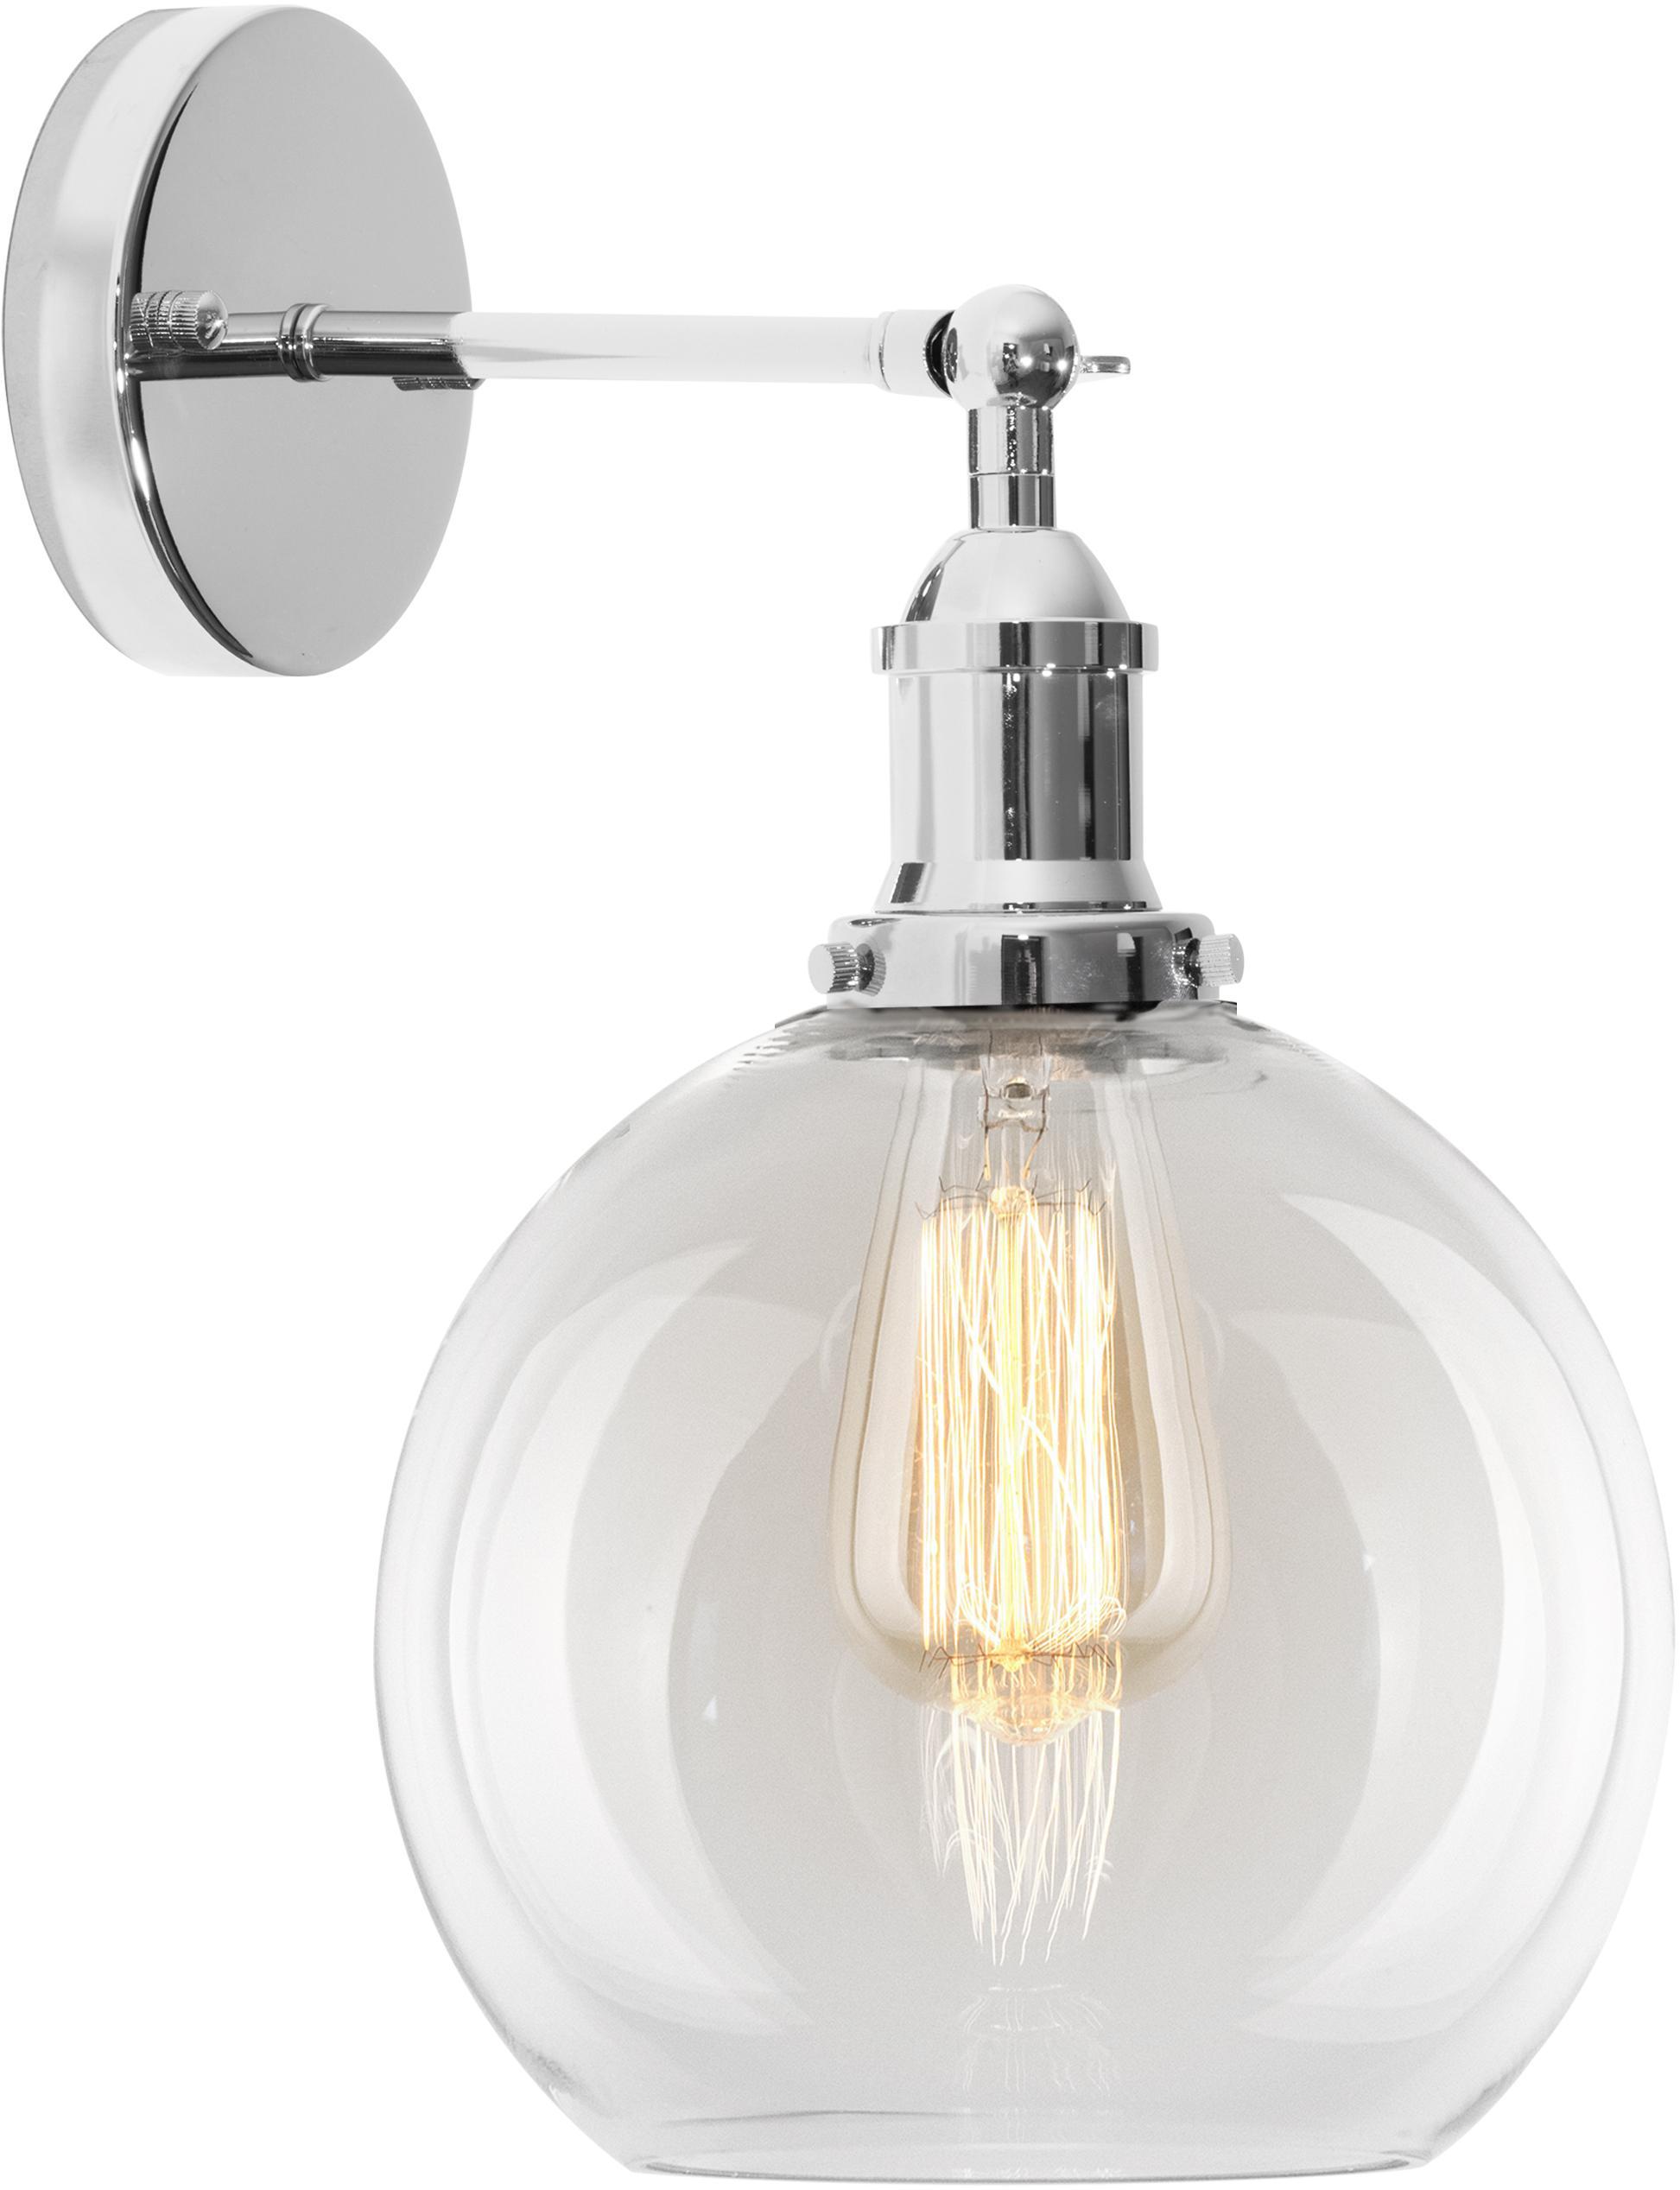 Aplique New York Loft No.2, Pantalla: vidrio, Cromo, transparente, An 20 x Al 30 cm